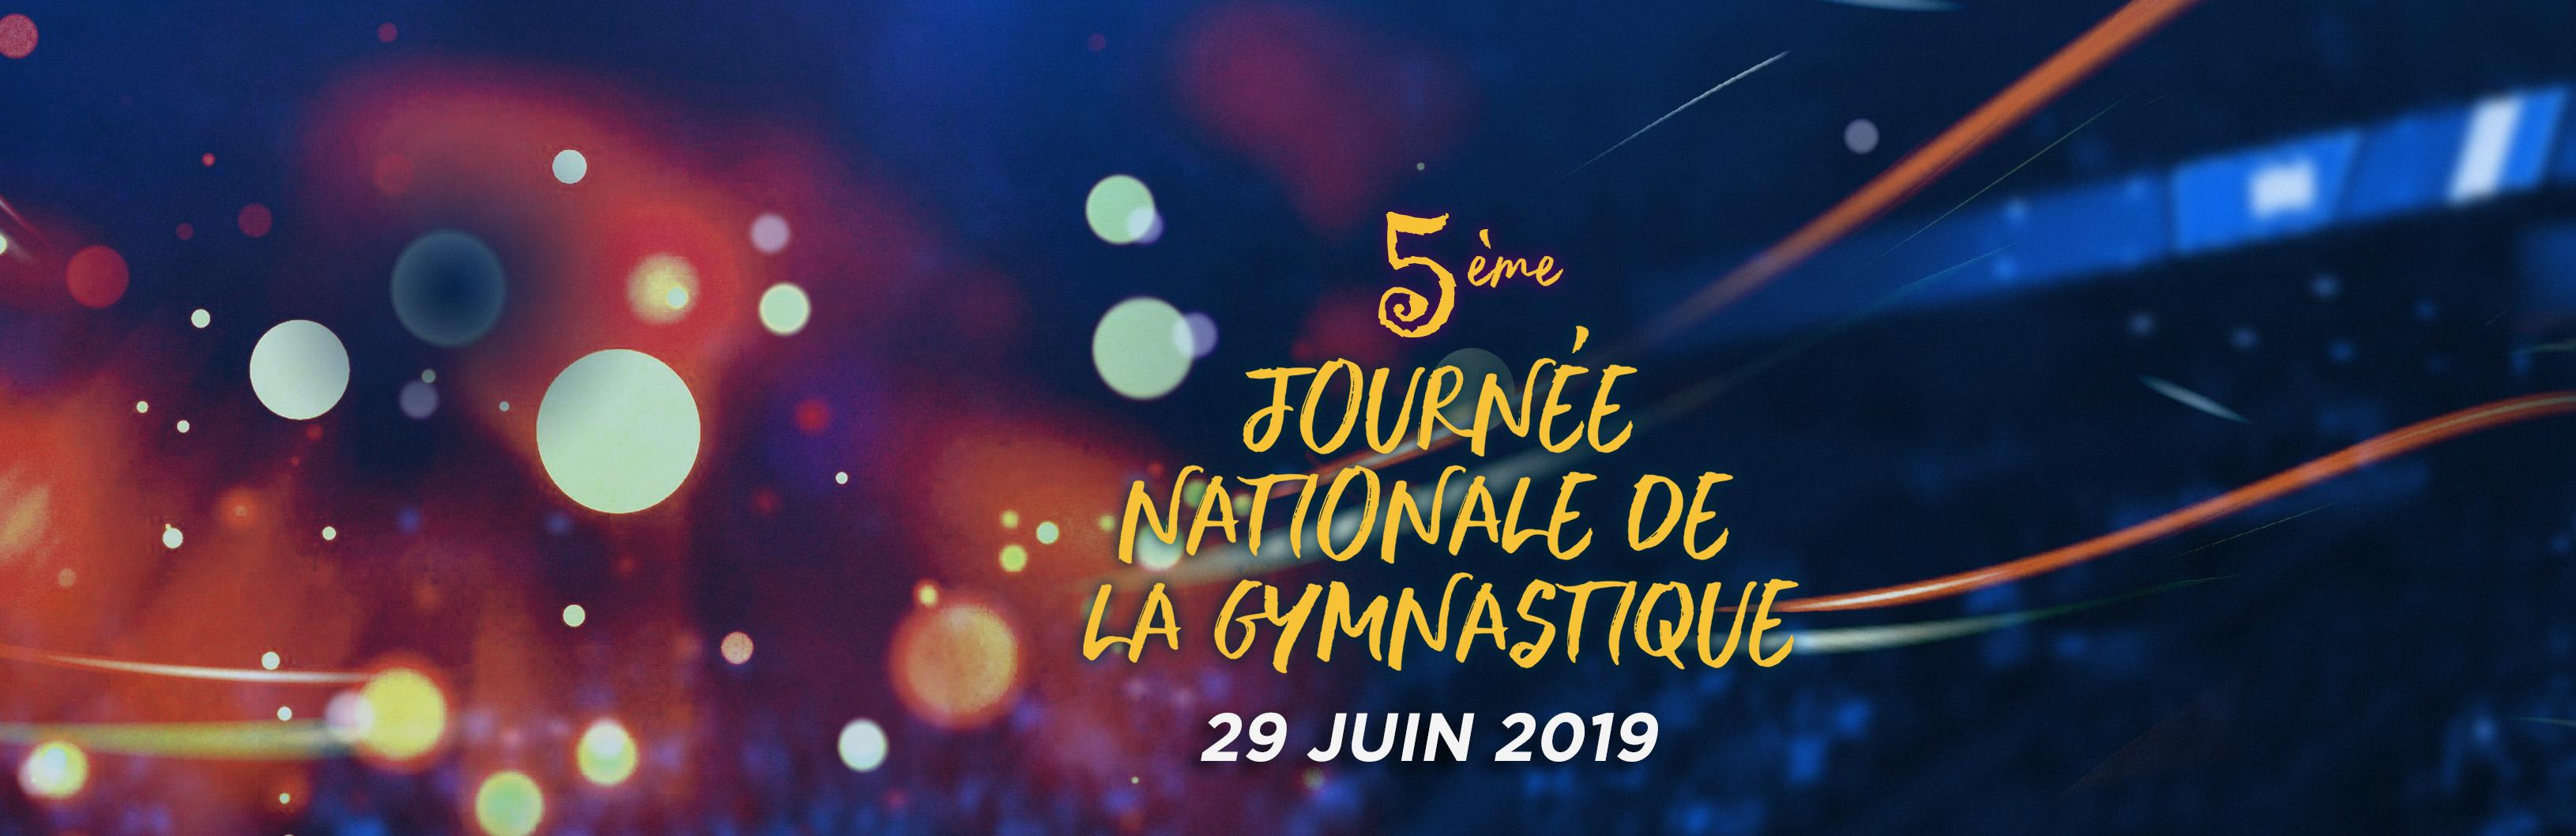 Appel à projets - Journée nationale de la Gymnastique 2019